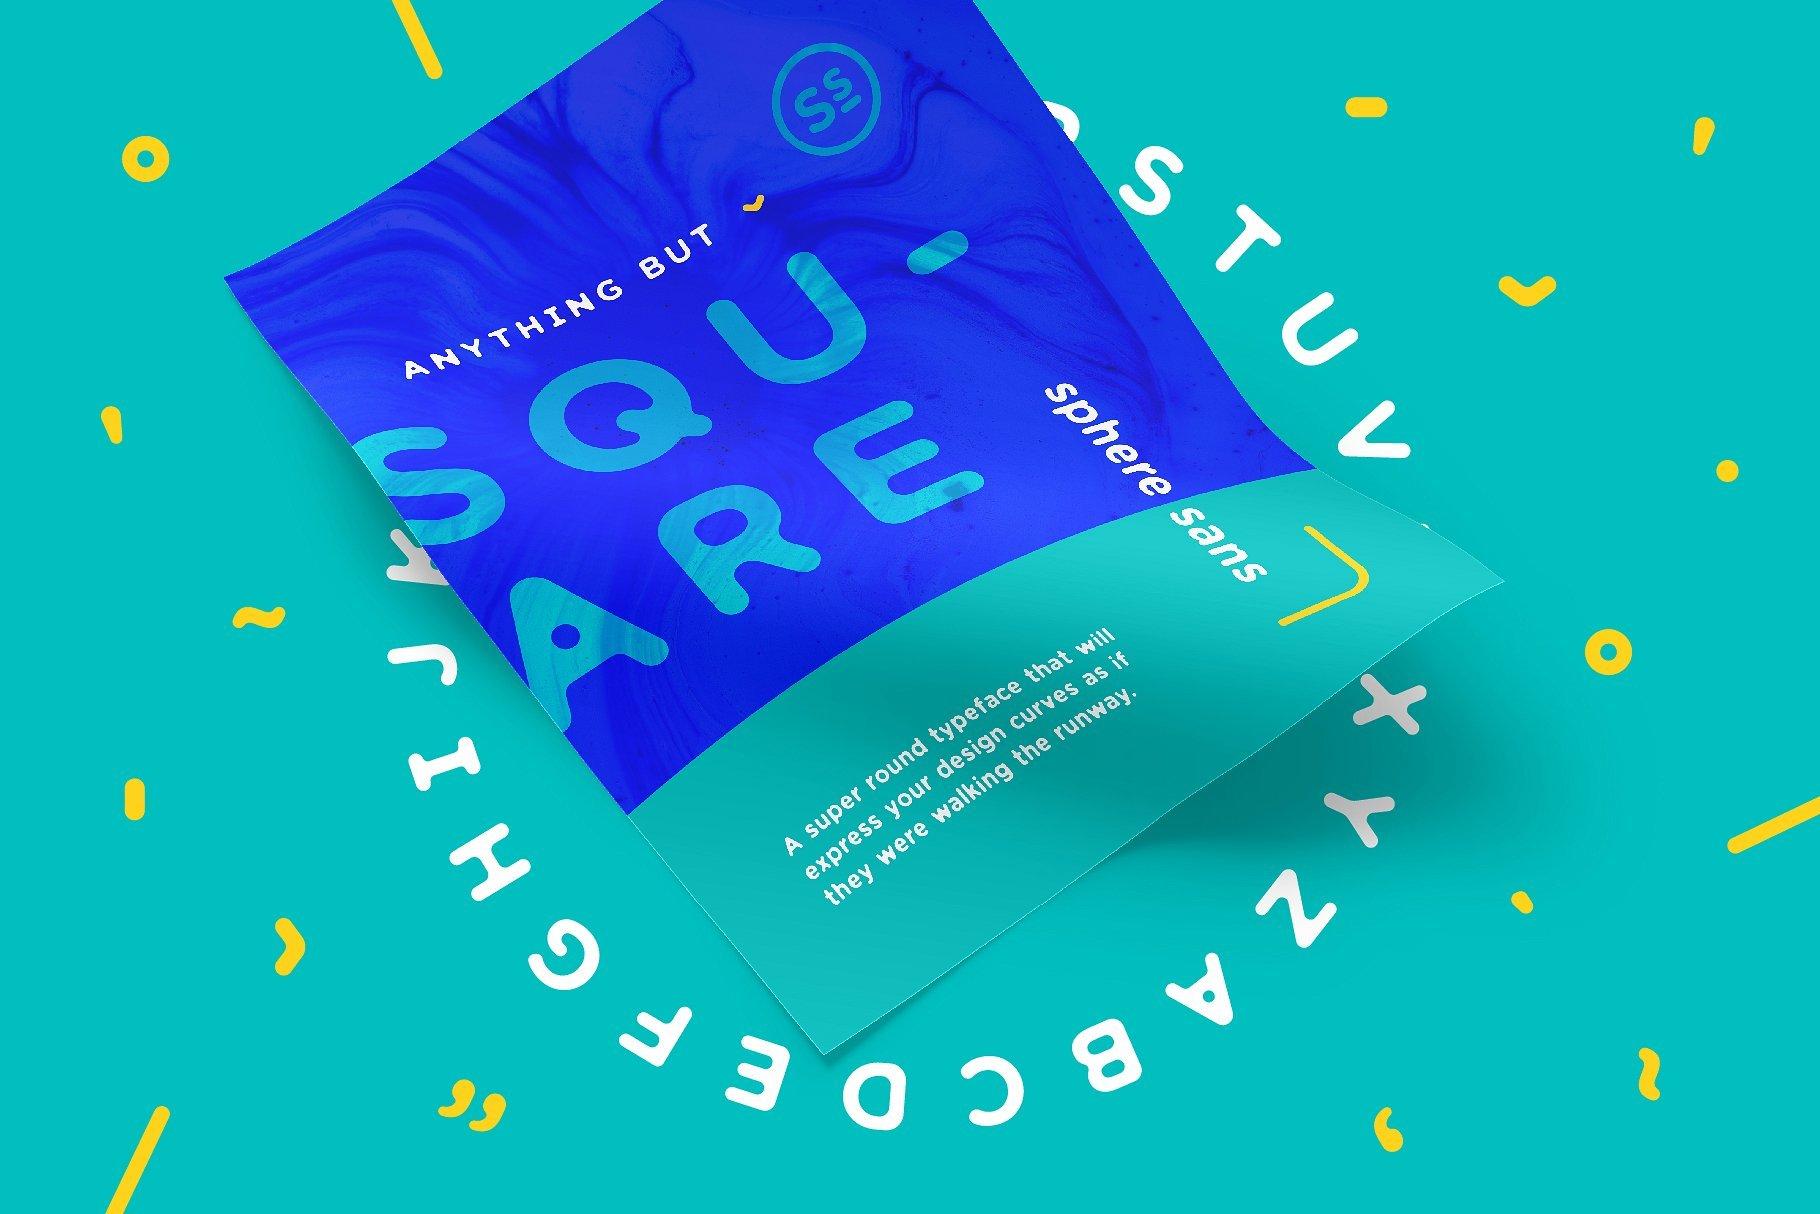 sphere-sans-typeface-2